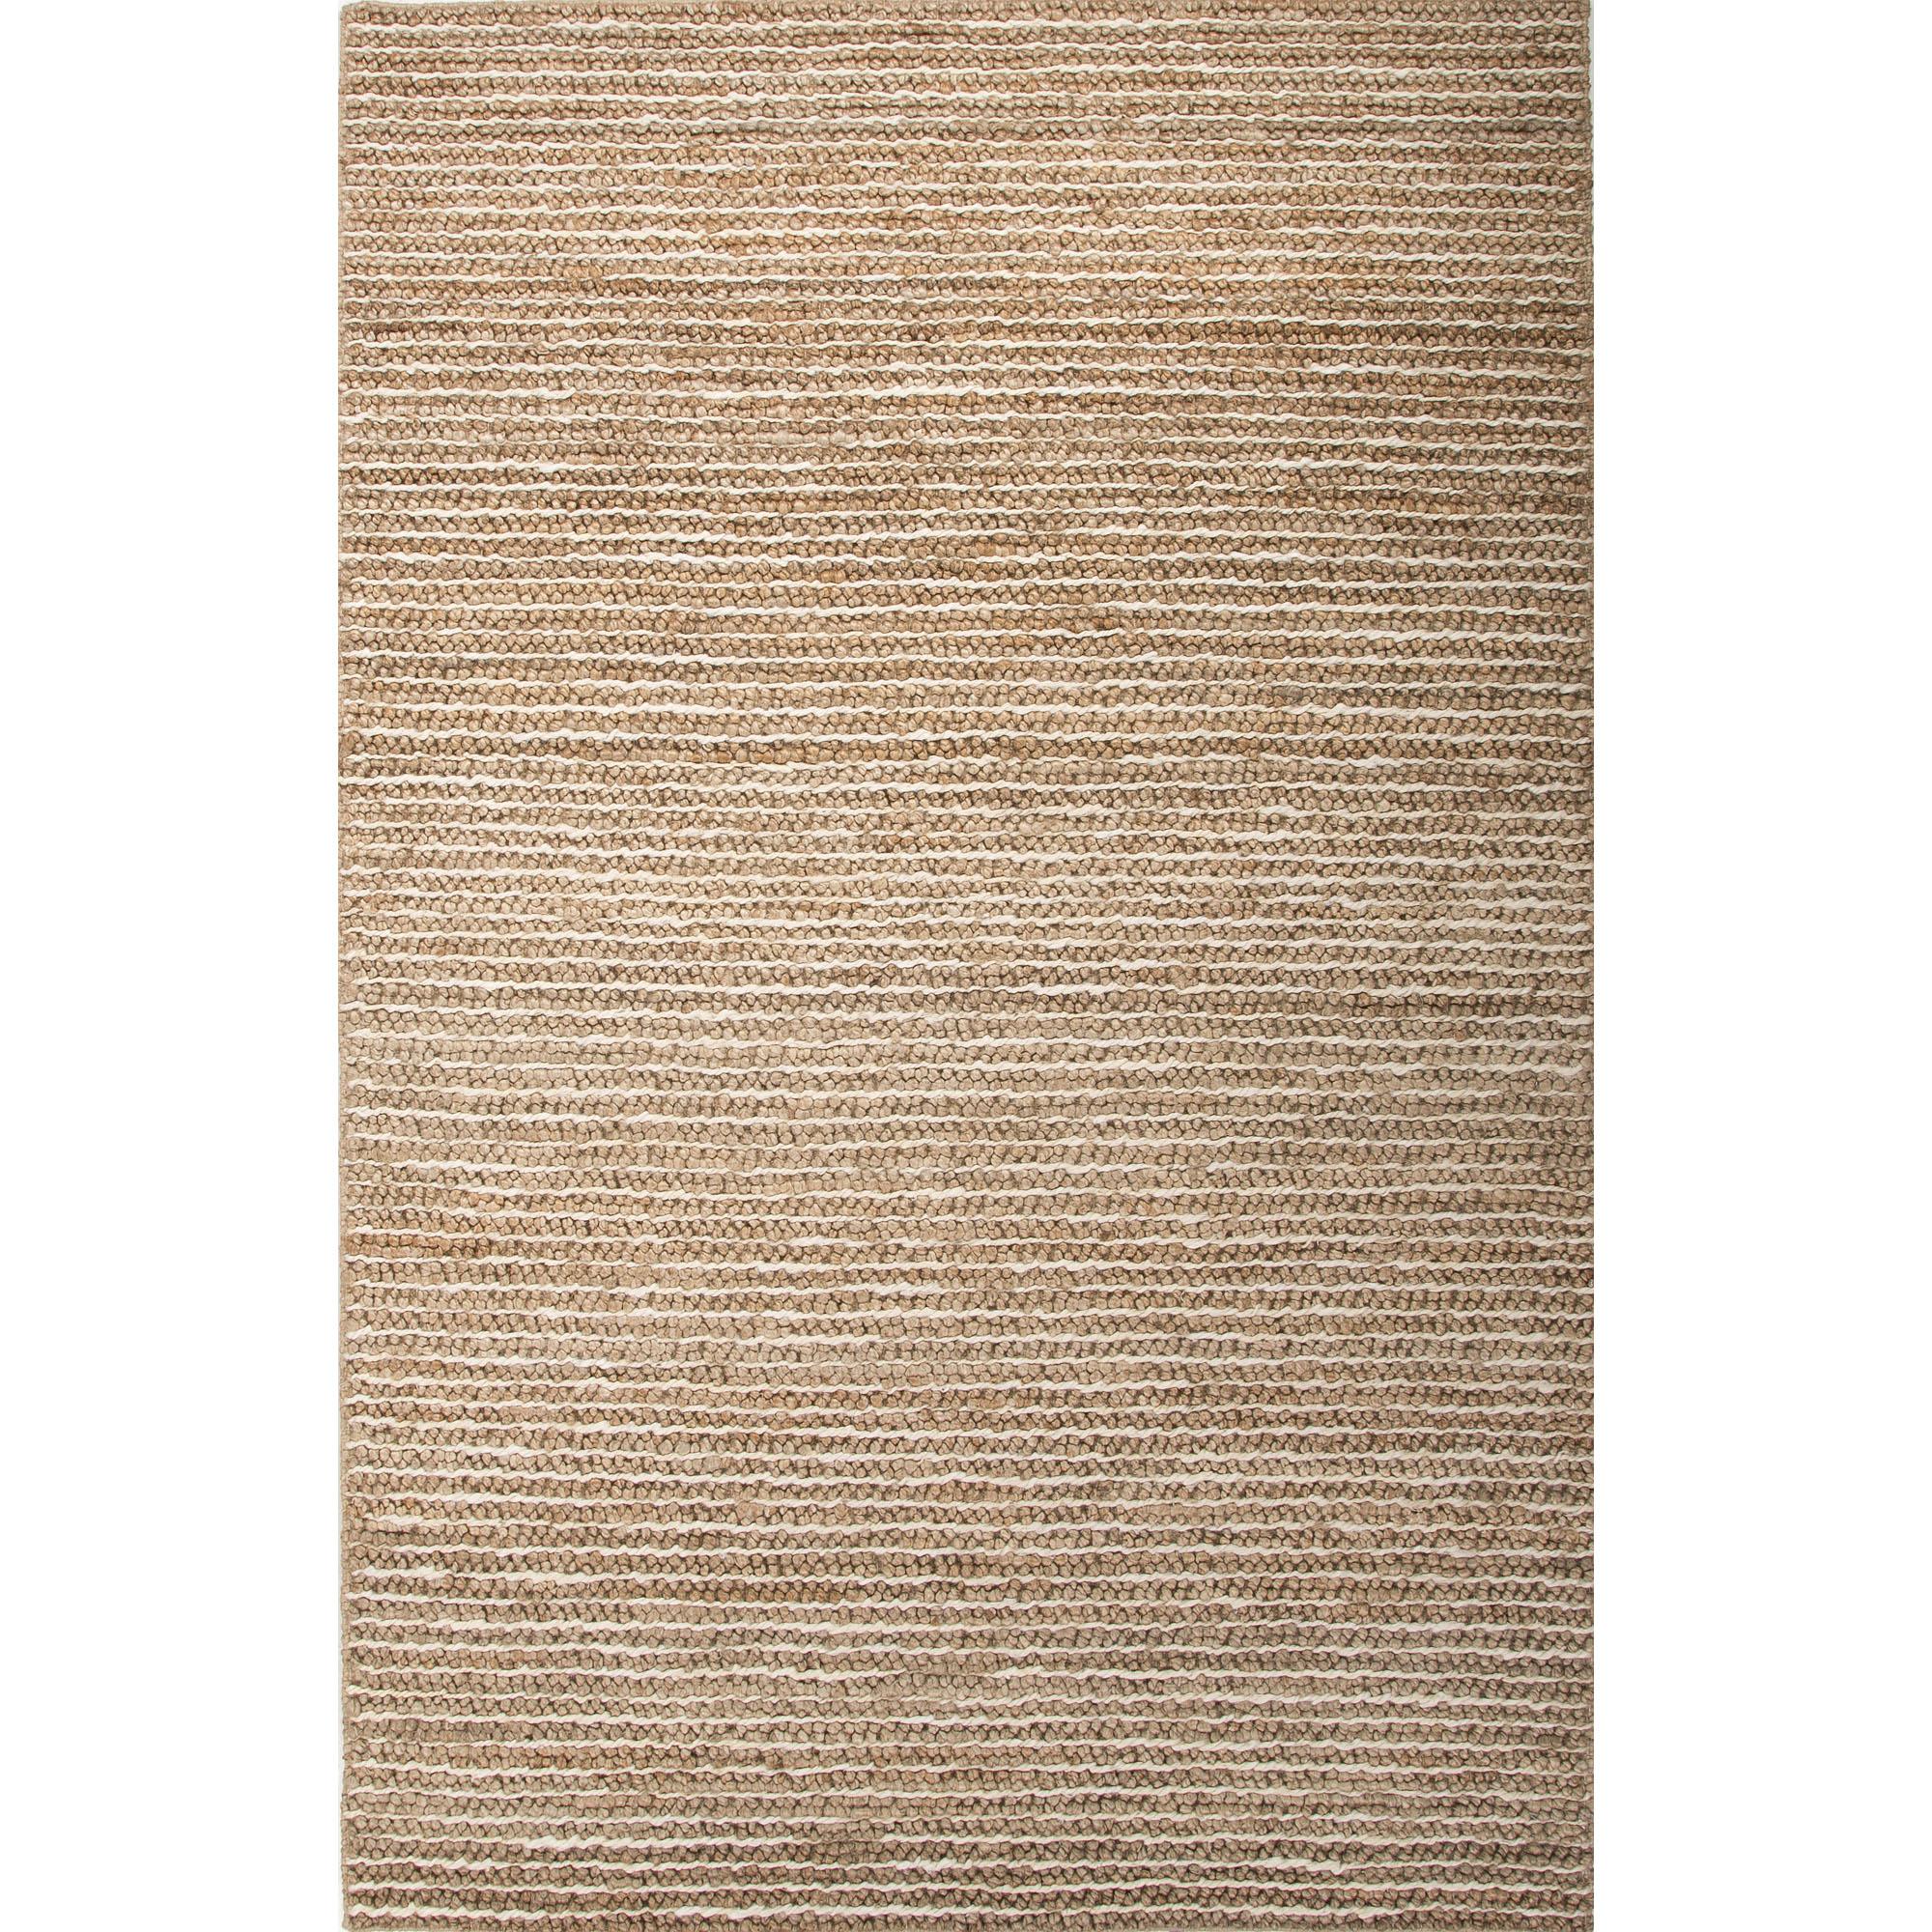 JAIPUR Rugs Naturals Seaside 8 x 10 Rug - Item Number: RUG118978